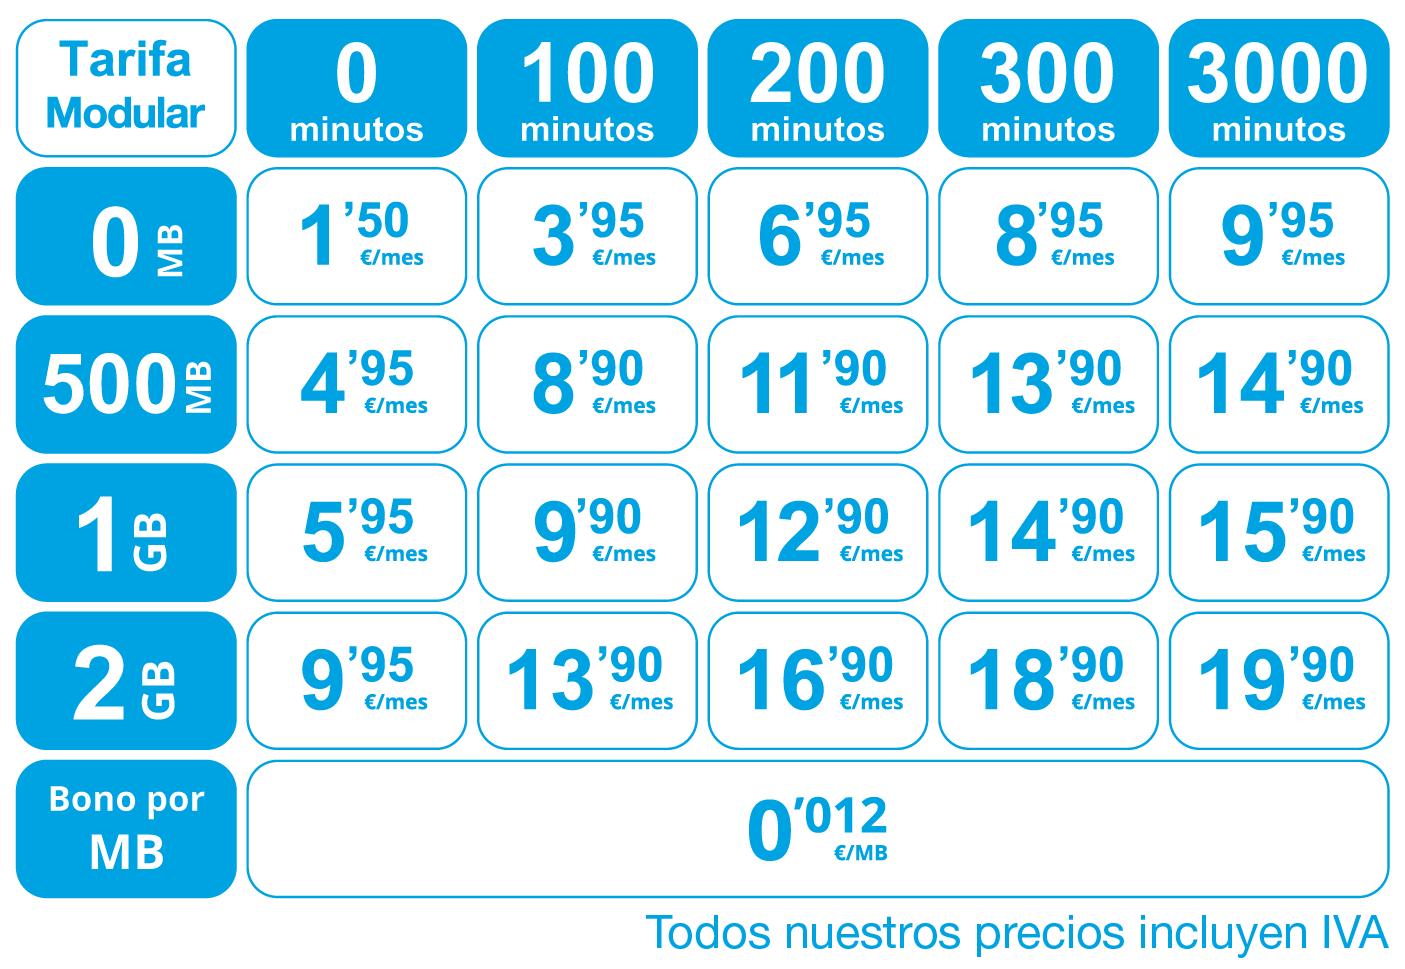 efe35a1a99b Descubre las nuevas tarifas de ipo móvil! - Blog ipo networks